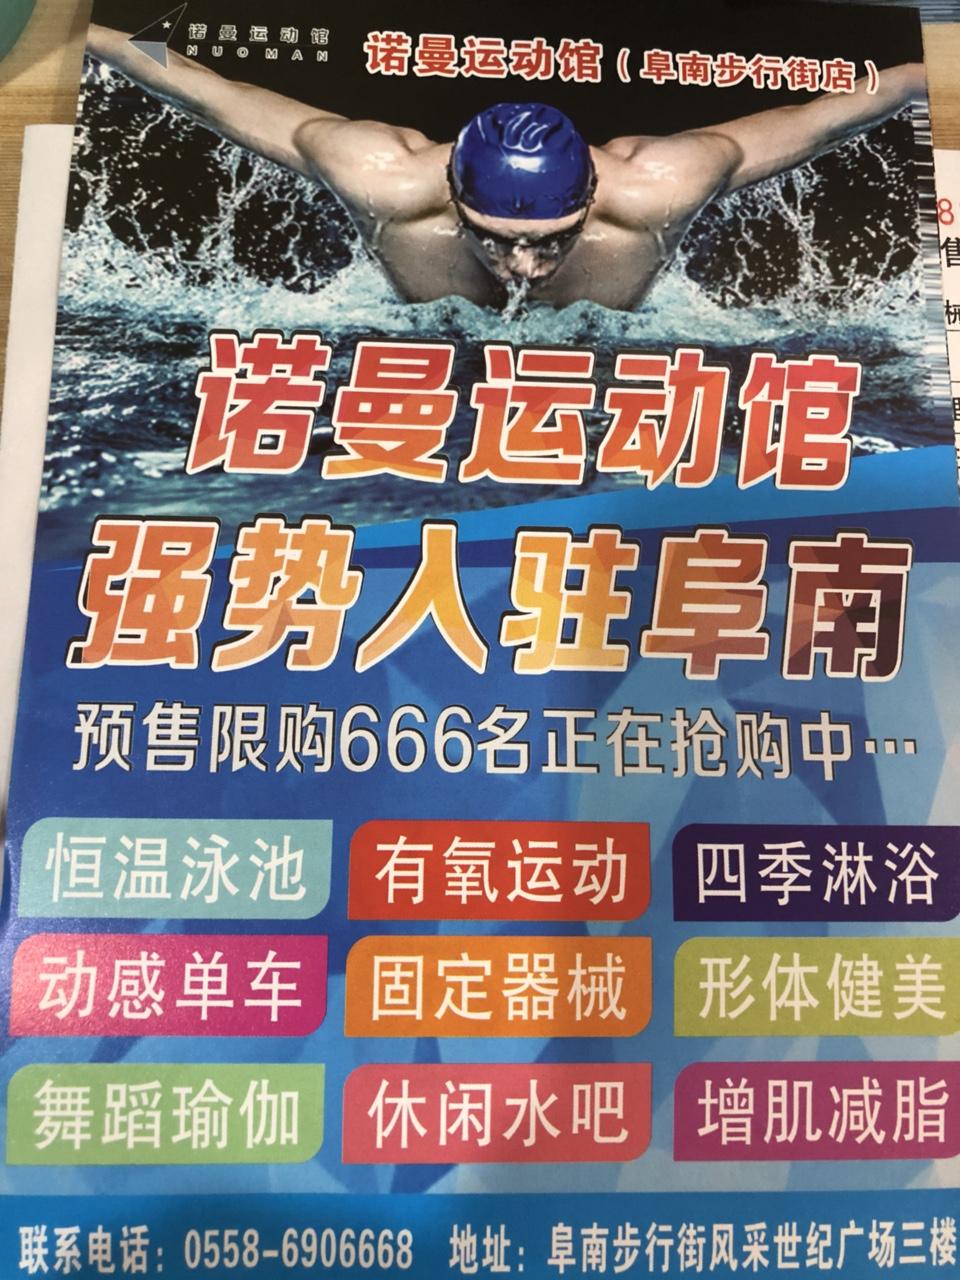 諾曼游泳健身9.9會員預定中